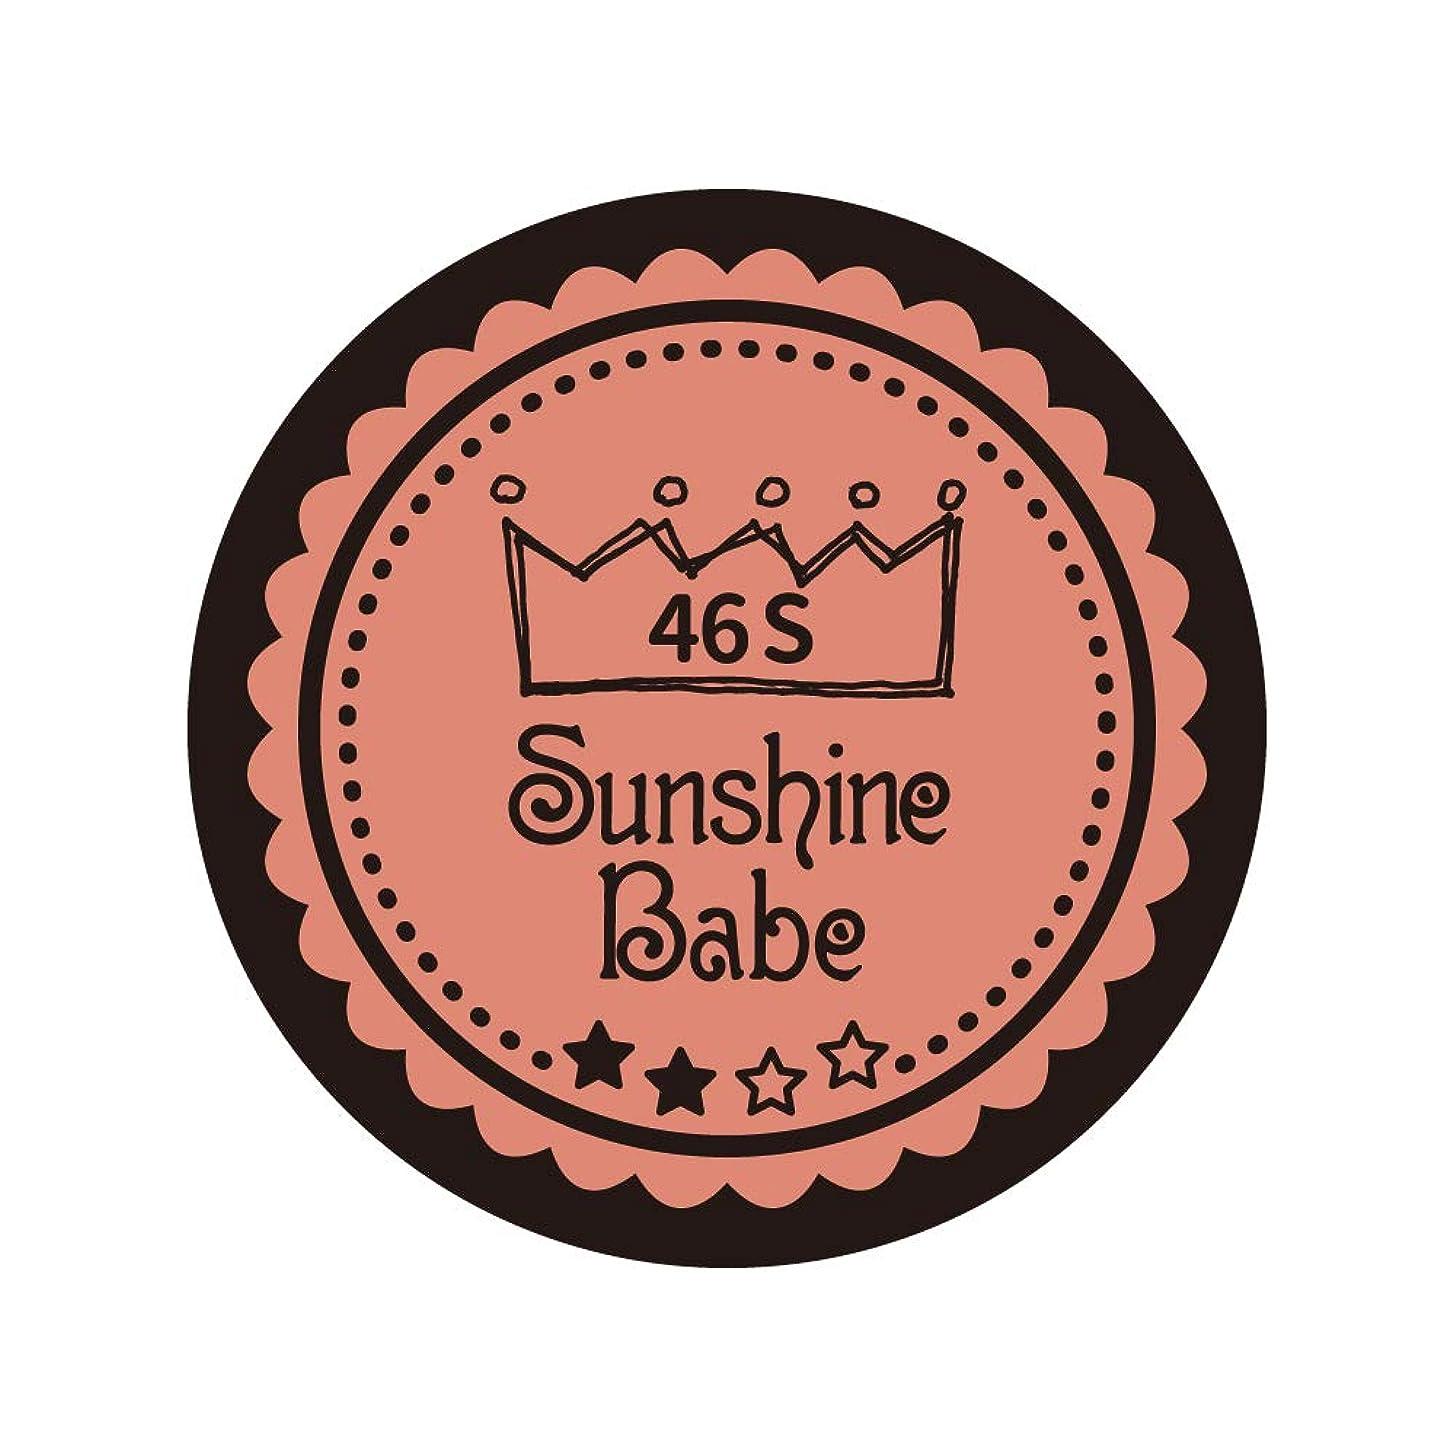 艦隊冷淡な乳白色Sunshine Babe カラージェル 46S ピンクベージュ 2.7g UV/LED対応